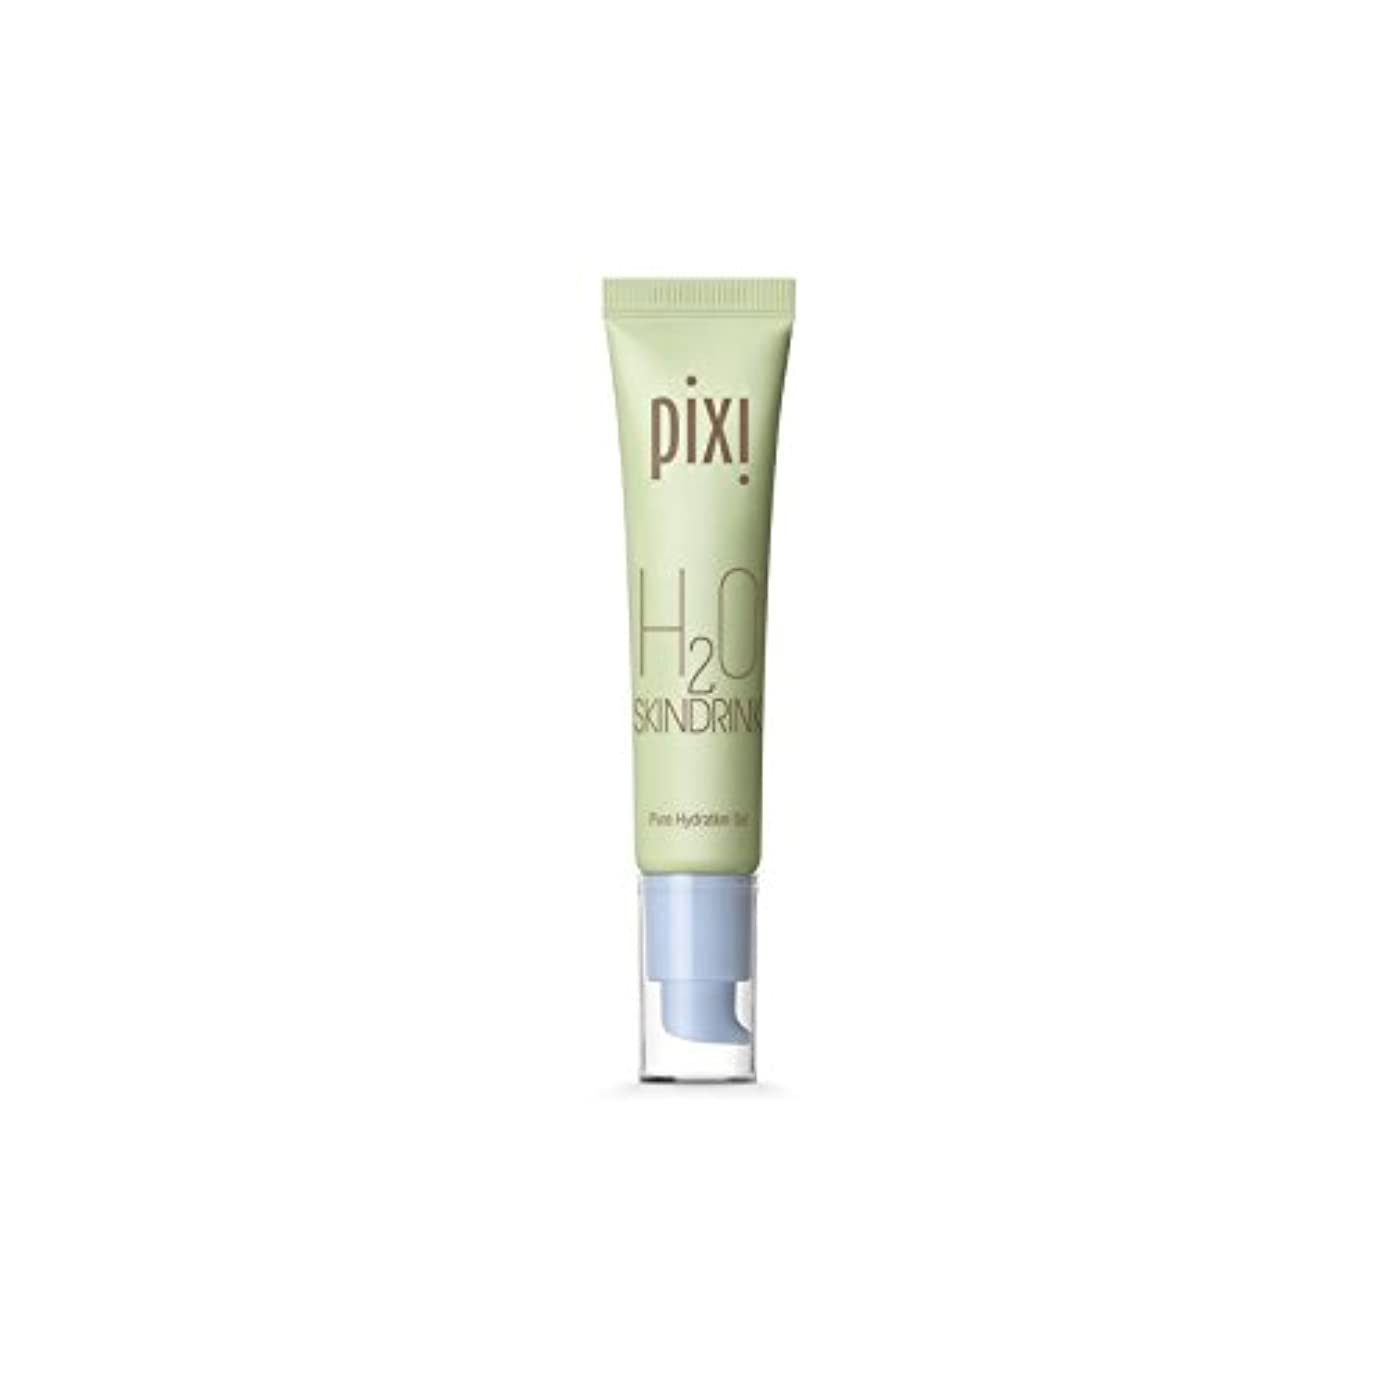 性別モジュール遠い20スキンドリンク x4 - Pixi H20 Skin Drink (Pack of 4) [並行輸入品]